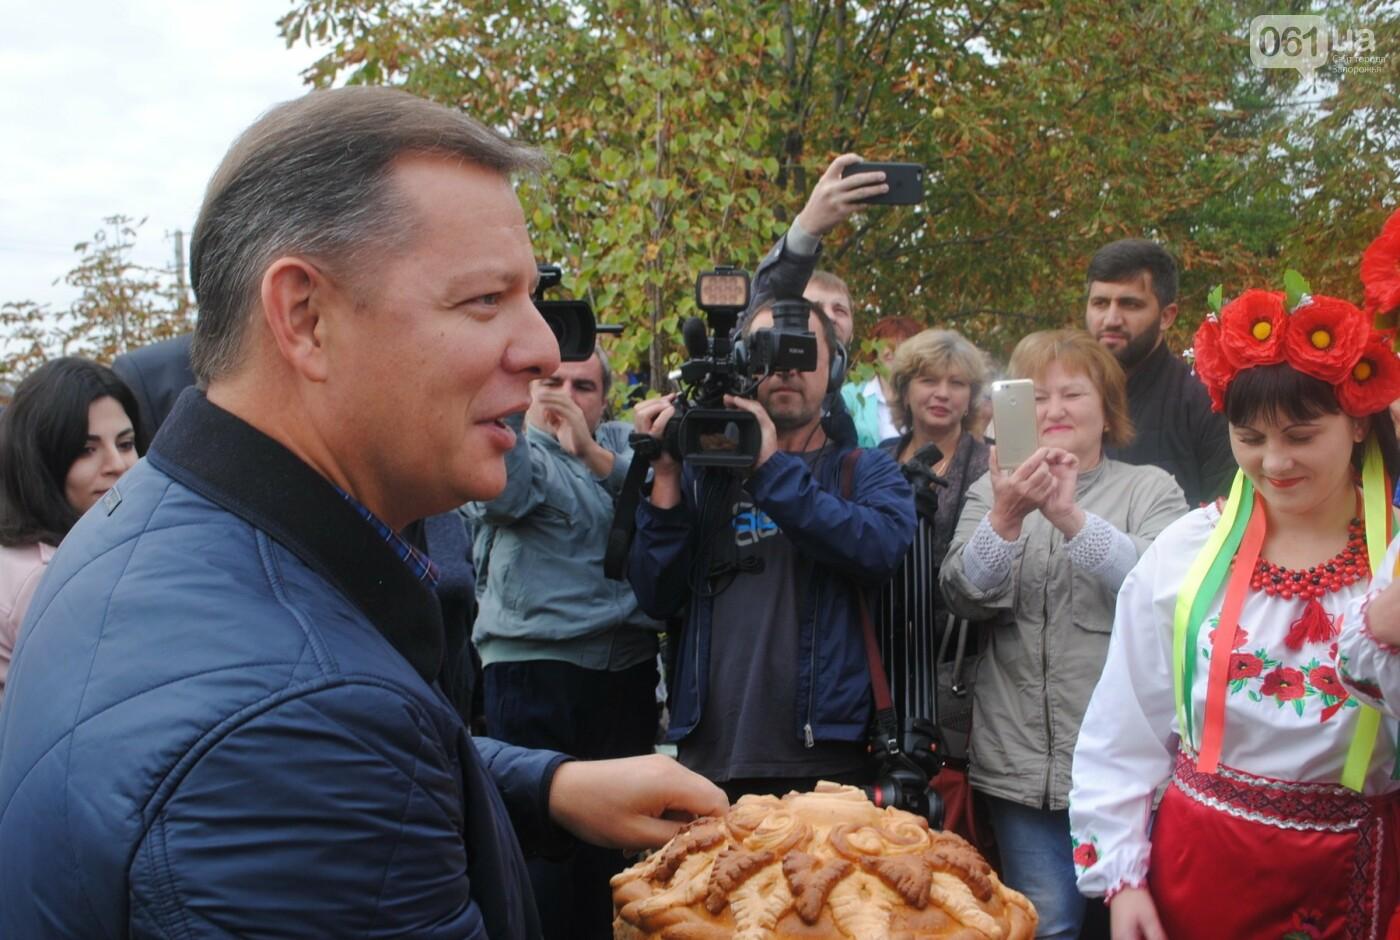 Громаду под Запорожьем неожиданно посетил Олег Ляшко, нардеп встретился с людьми, - ФОТОРЕПОРТАЖ, фото-5